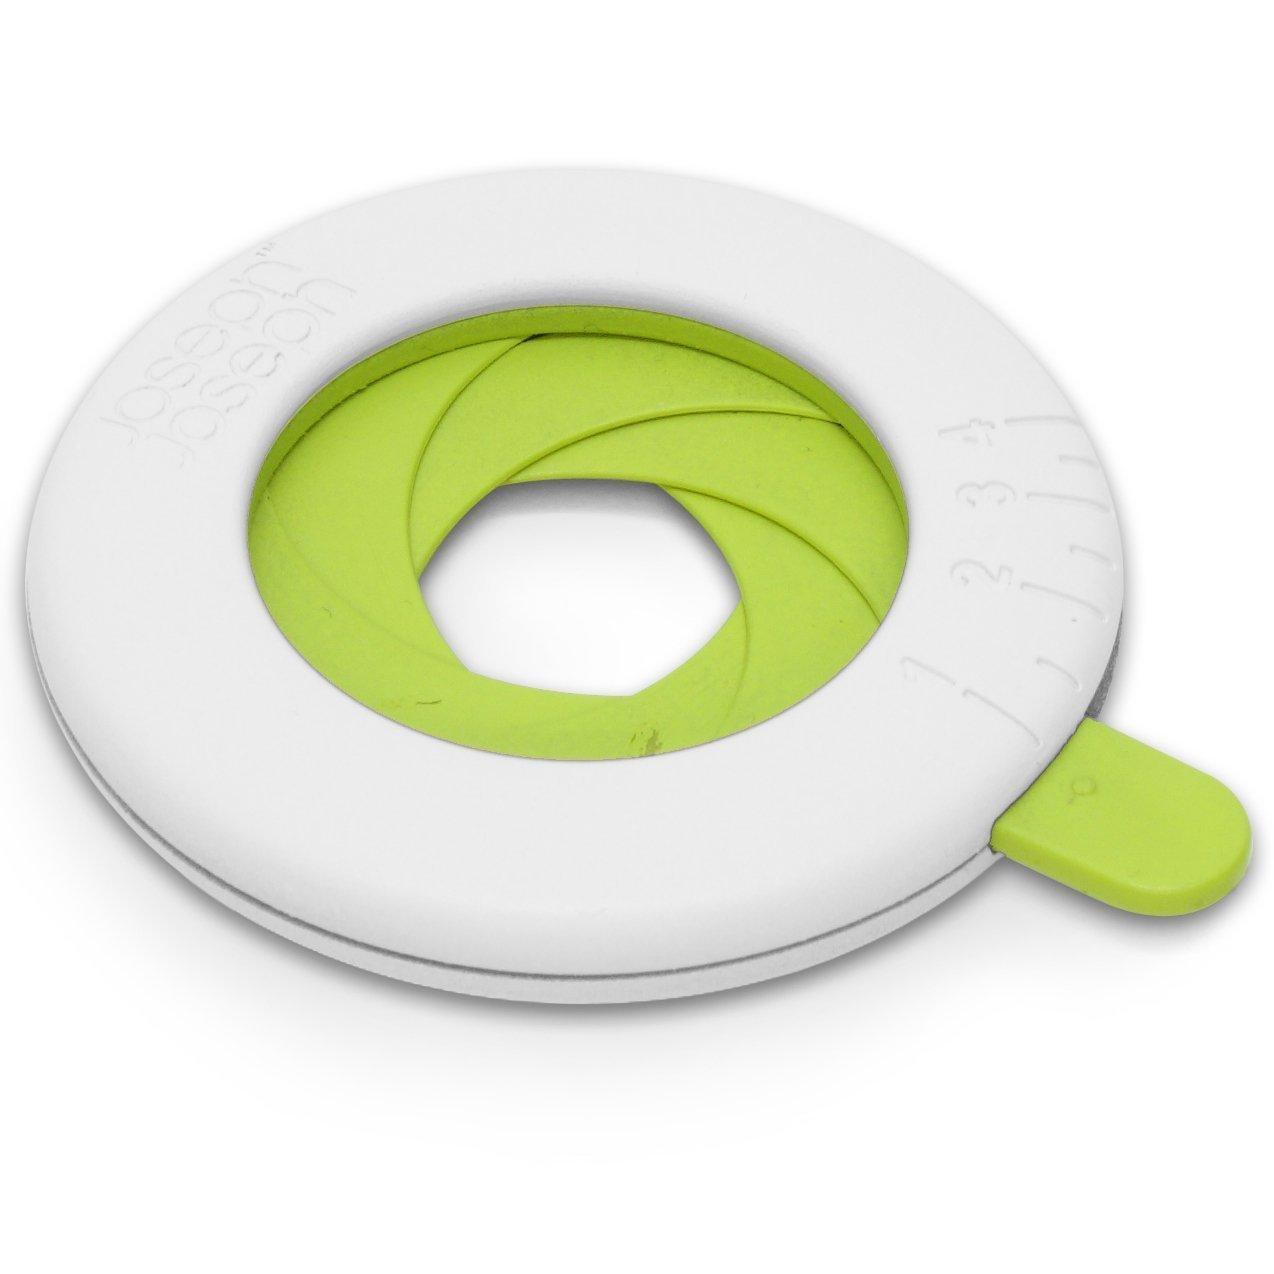 Онлайн каталог PROMENU: Мера для спагетти Joseph Joseph, 8x9x1 см, бело-зеленый Joseph Joseph SPMW012HC